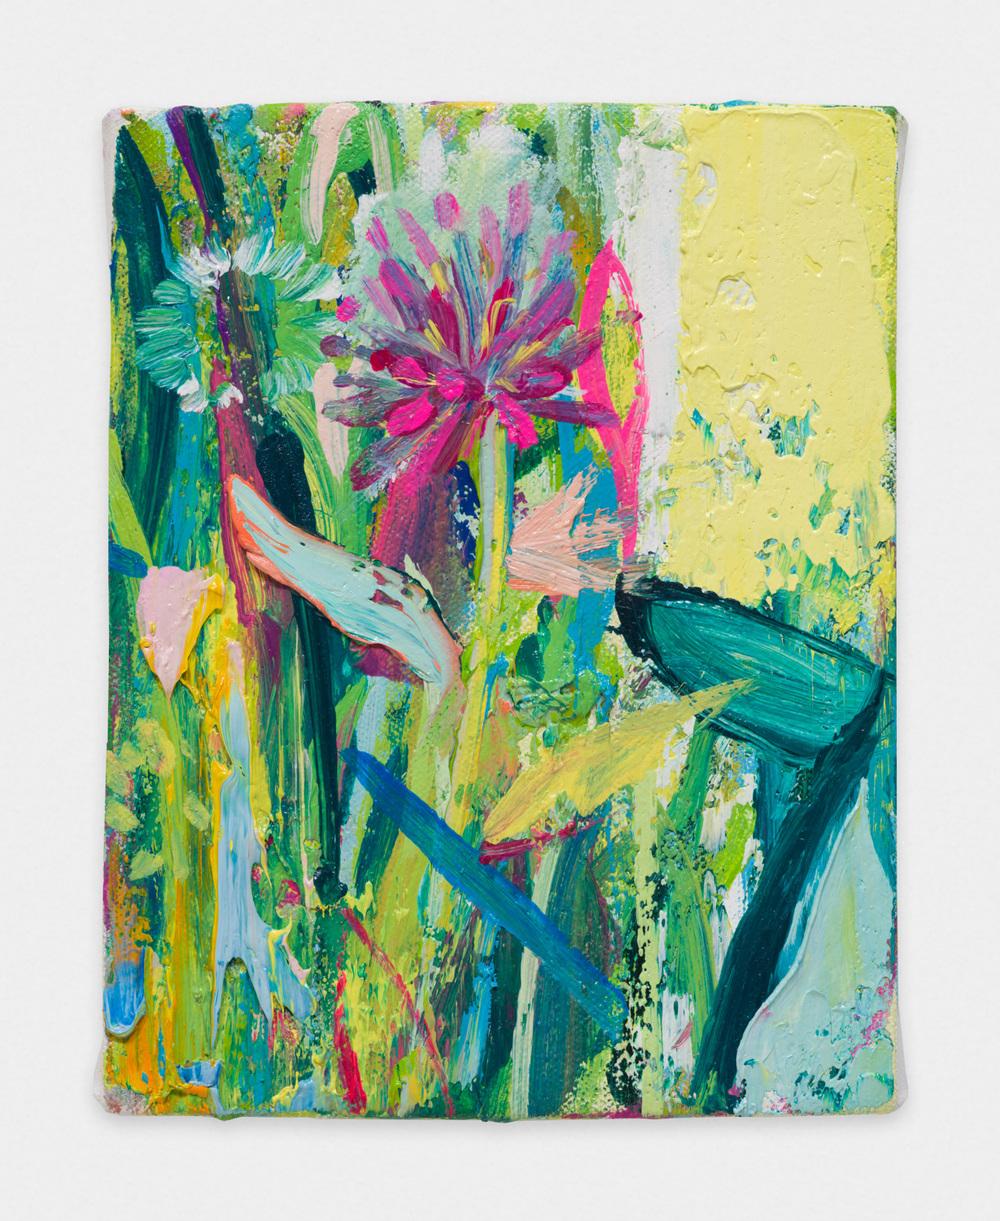 Miki Mochizuka  Fireworks  2015 - 2016 Oil on canvas 7.09h x 5.51w in (18h x 14w cm) MikiM012